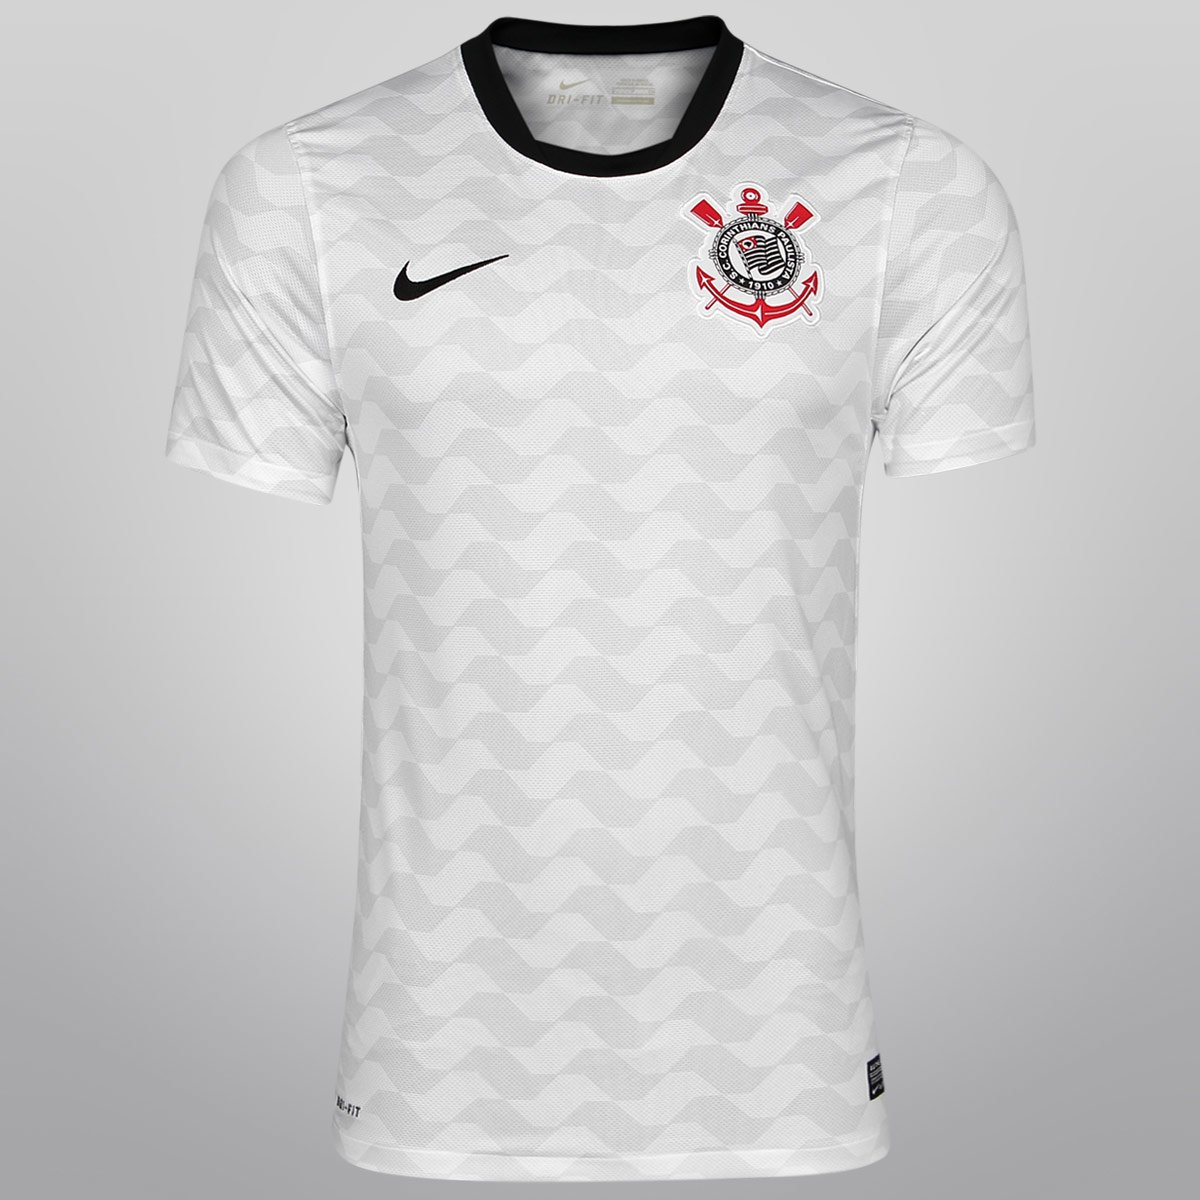 3288ce01eb Camisa Nike Corinthians I 12 13 s nº - Torcedor - Compre Agora ...